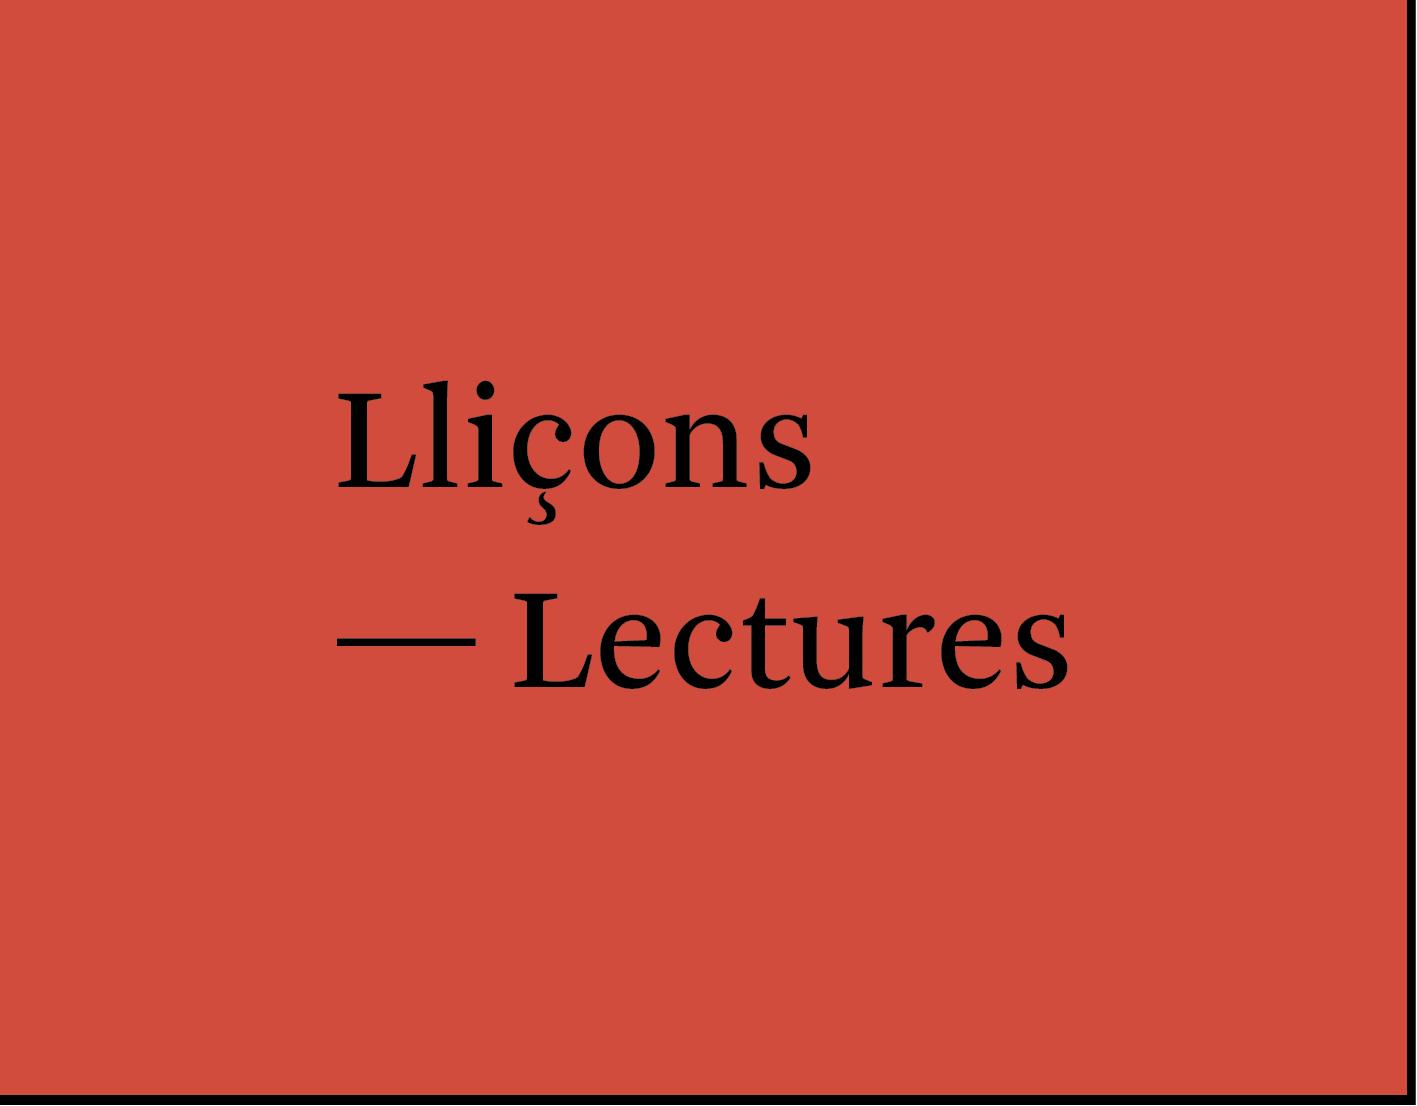 04_Icona Web_Lliçons.jpg